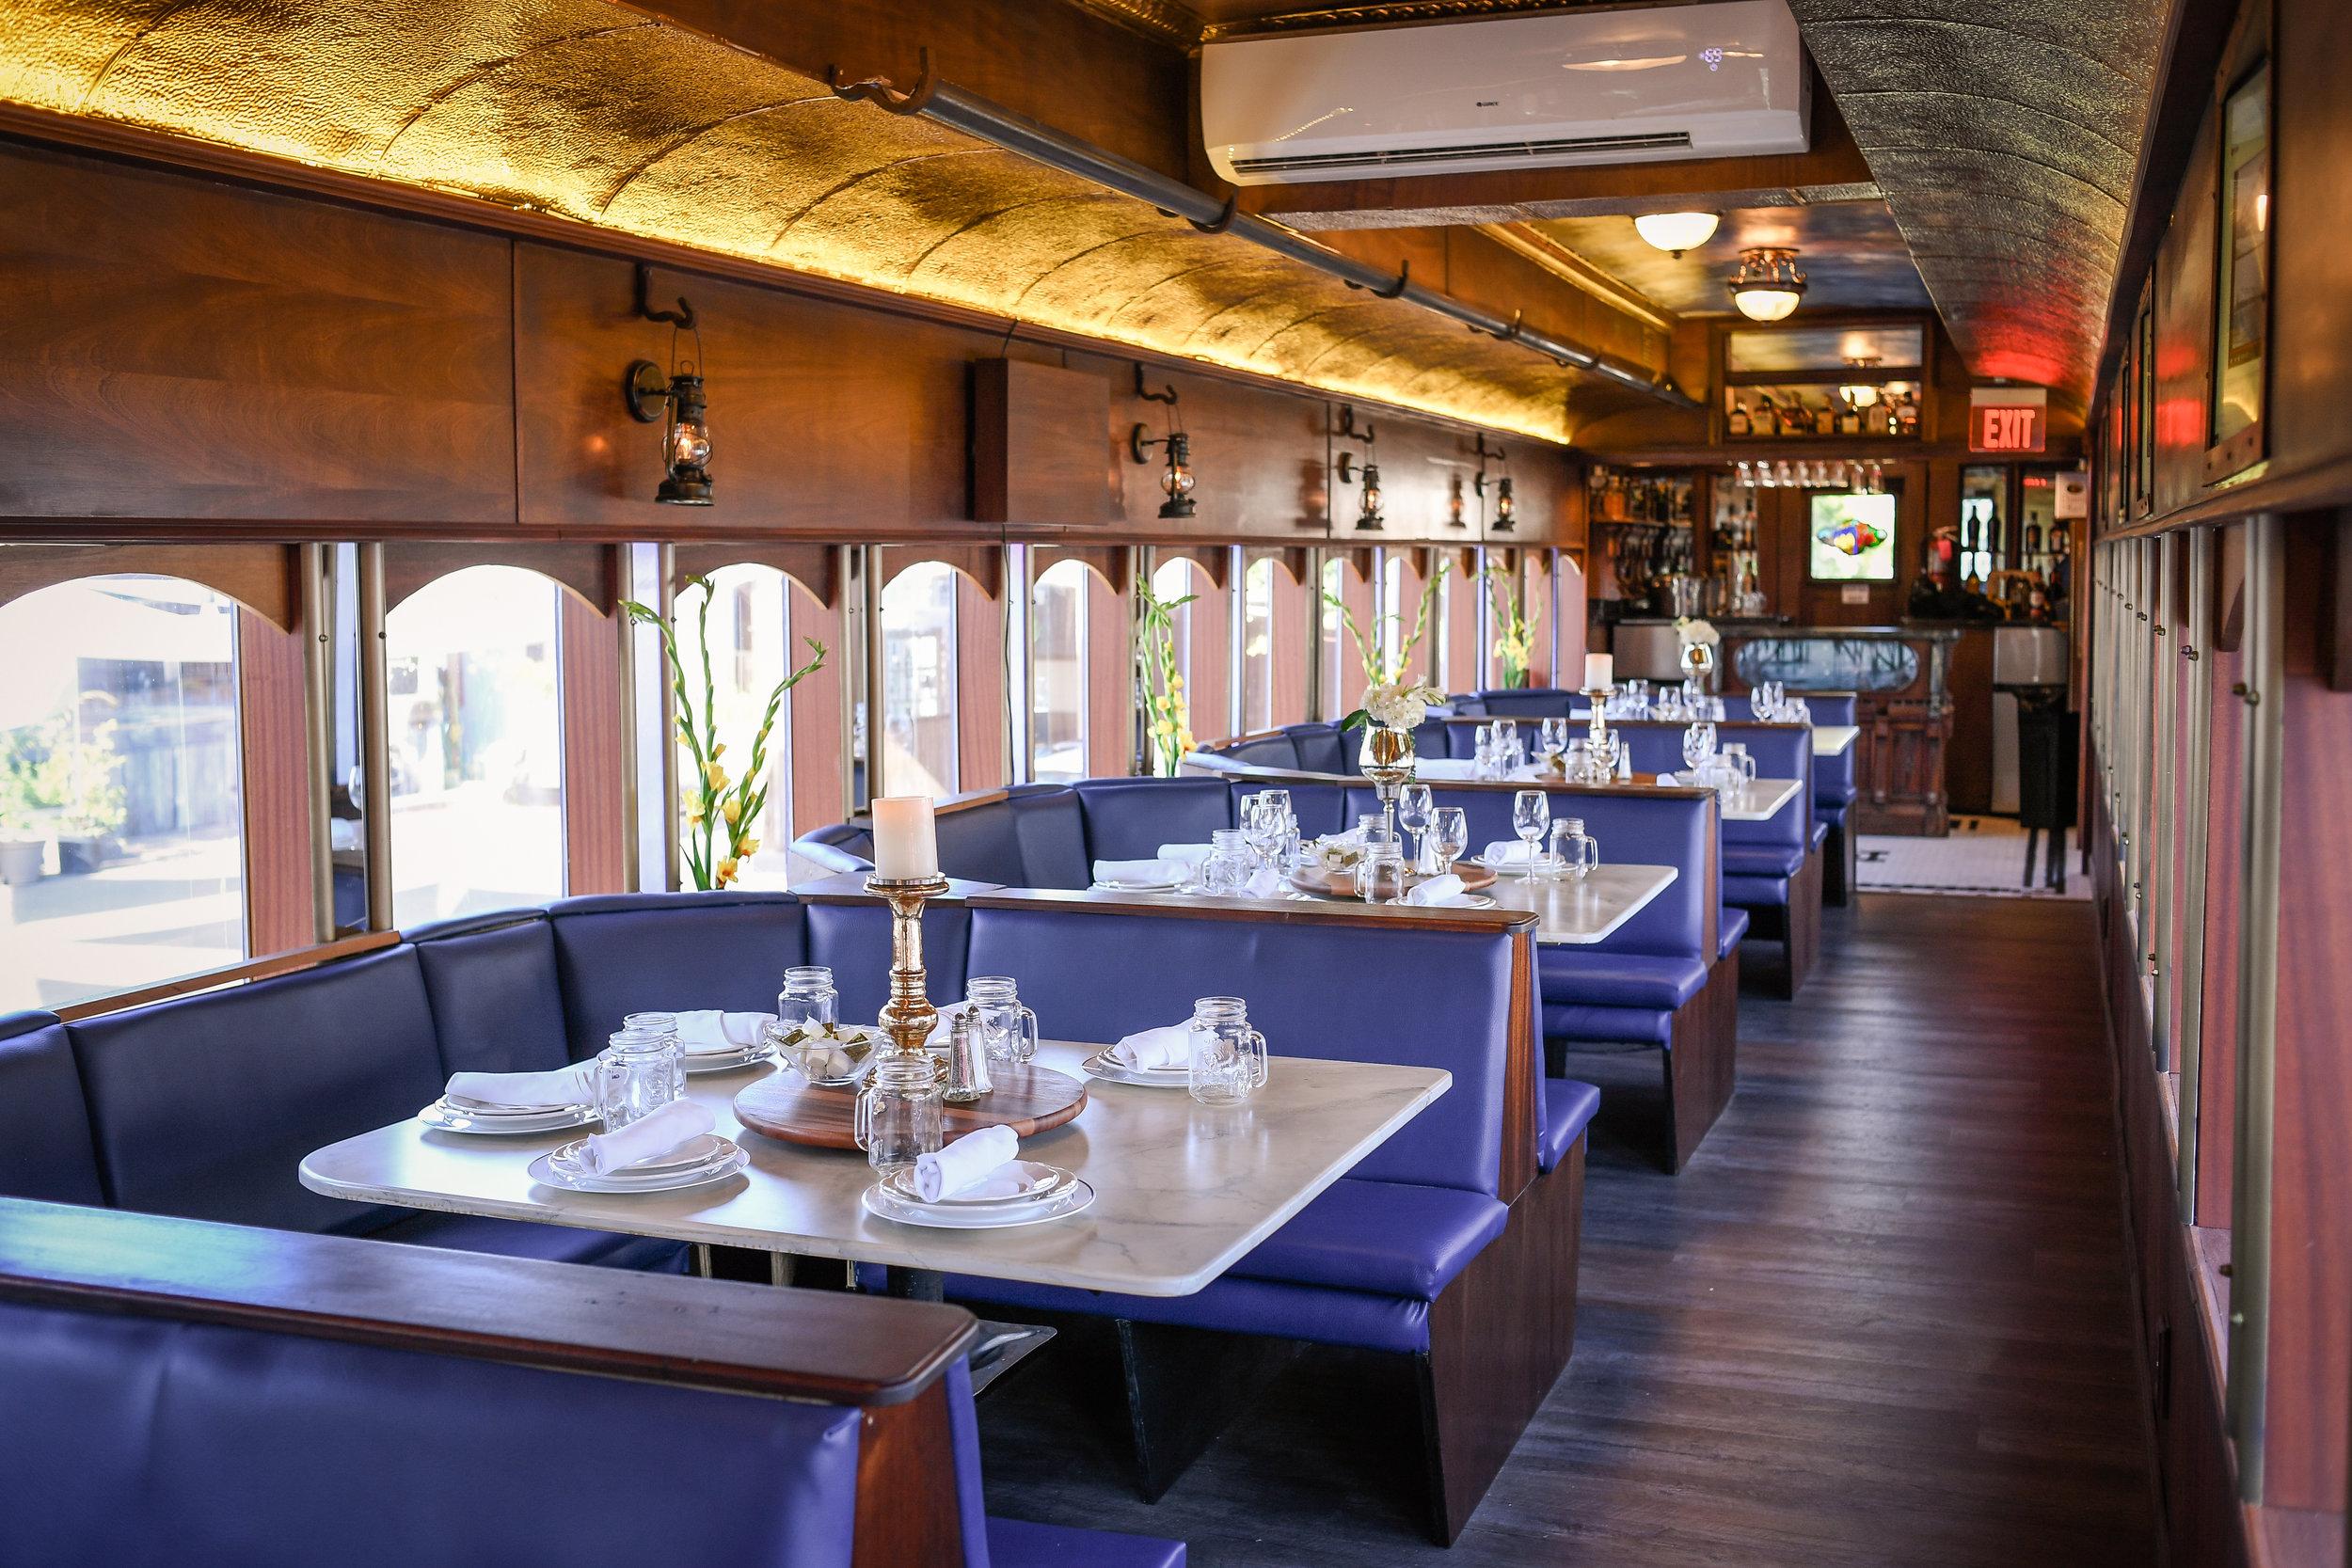 TrainSetup0032.jpg